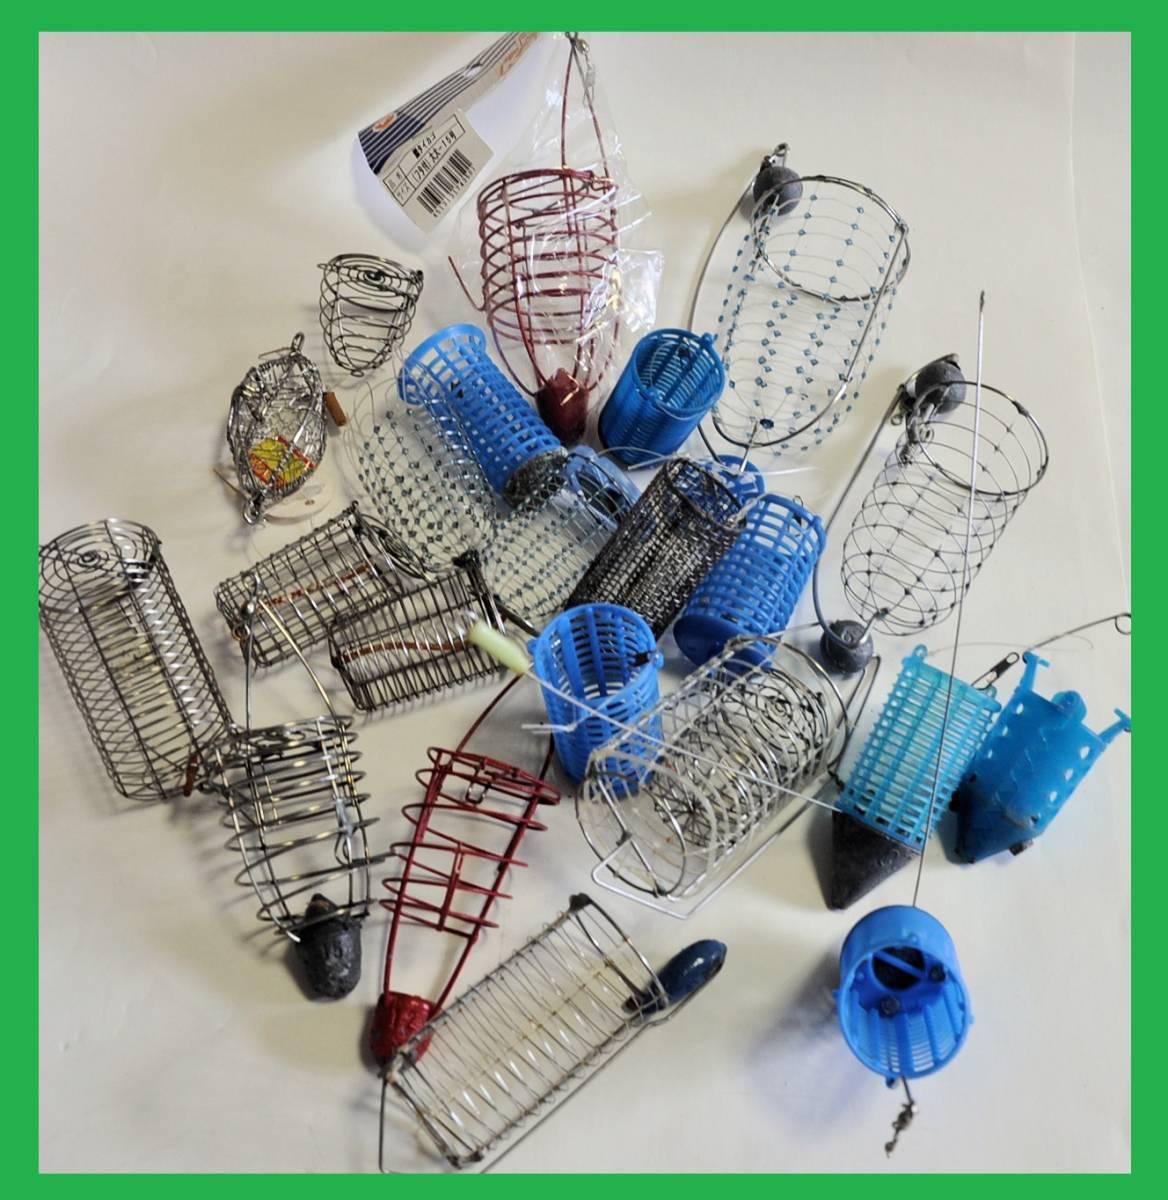 大量 釣り道具 浮き、針、錘、他小物など色々まとめてセット!_画像7